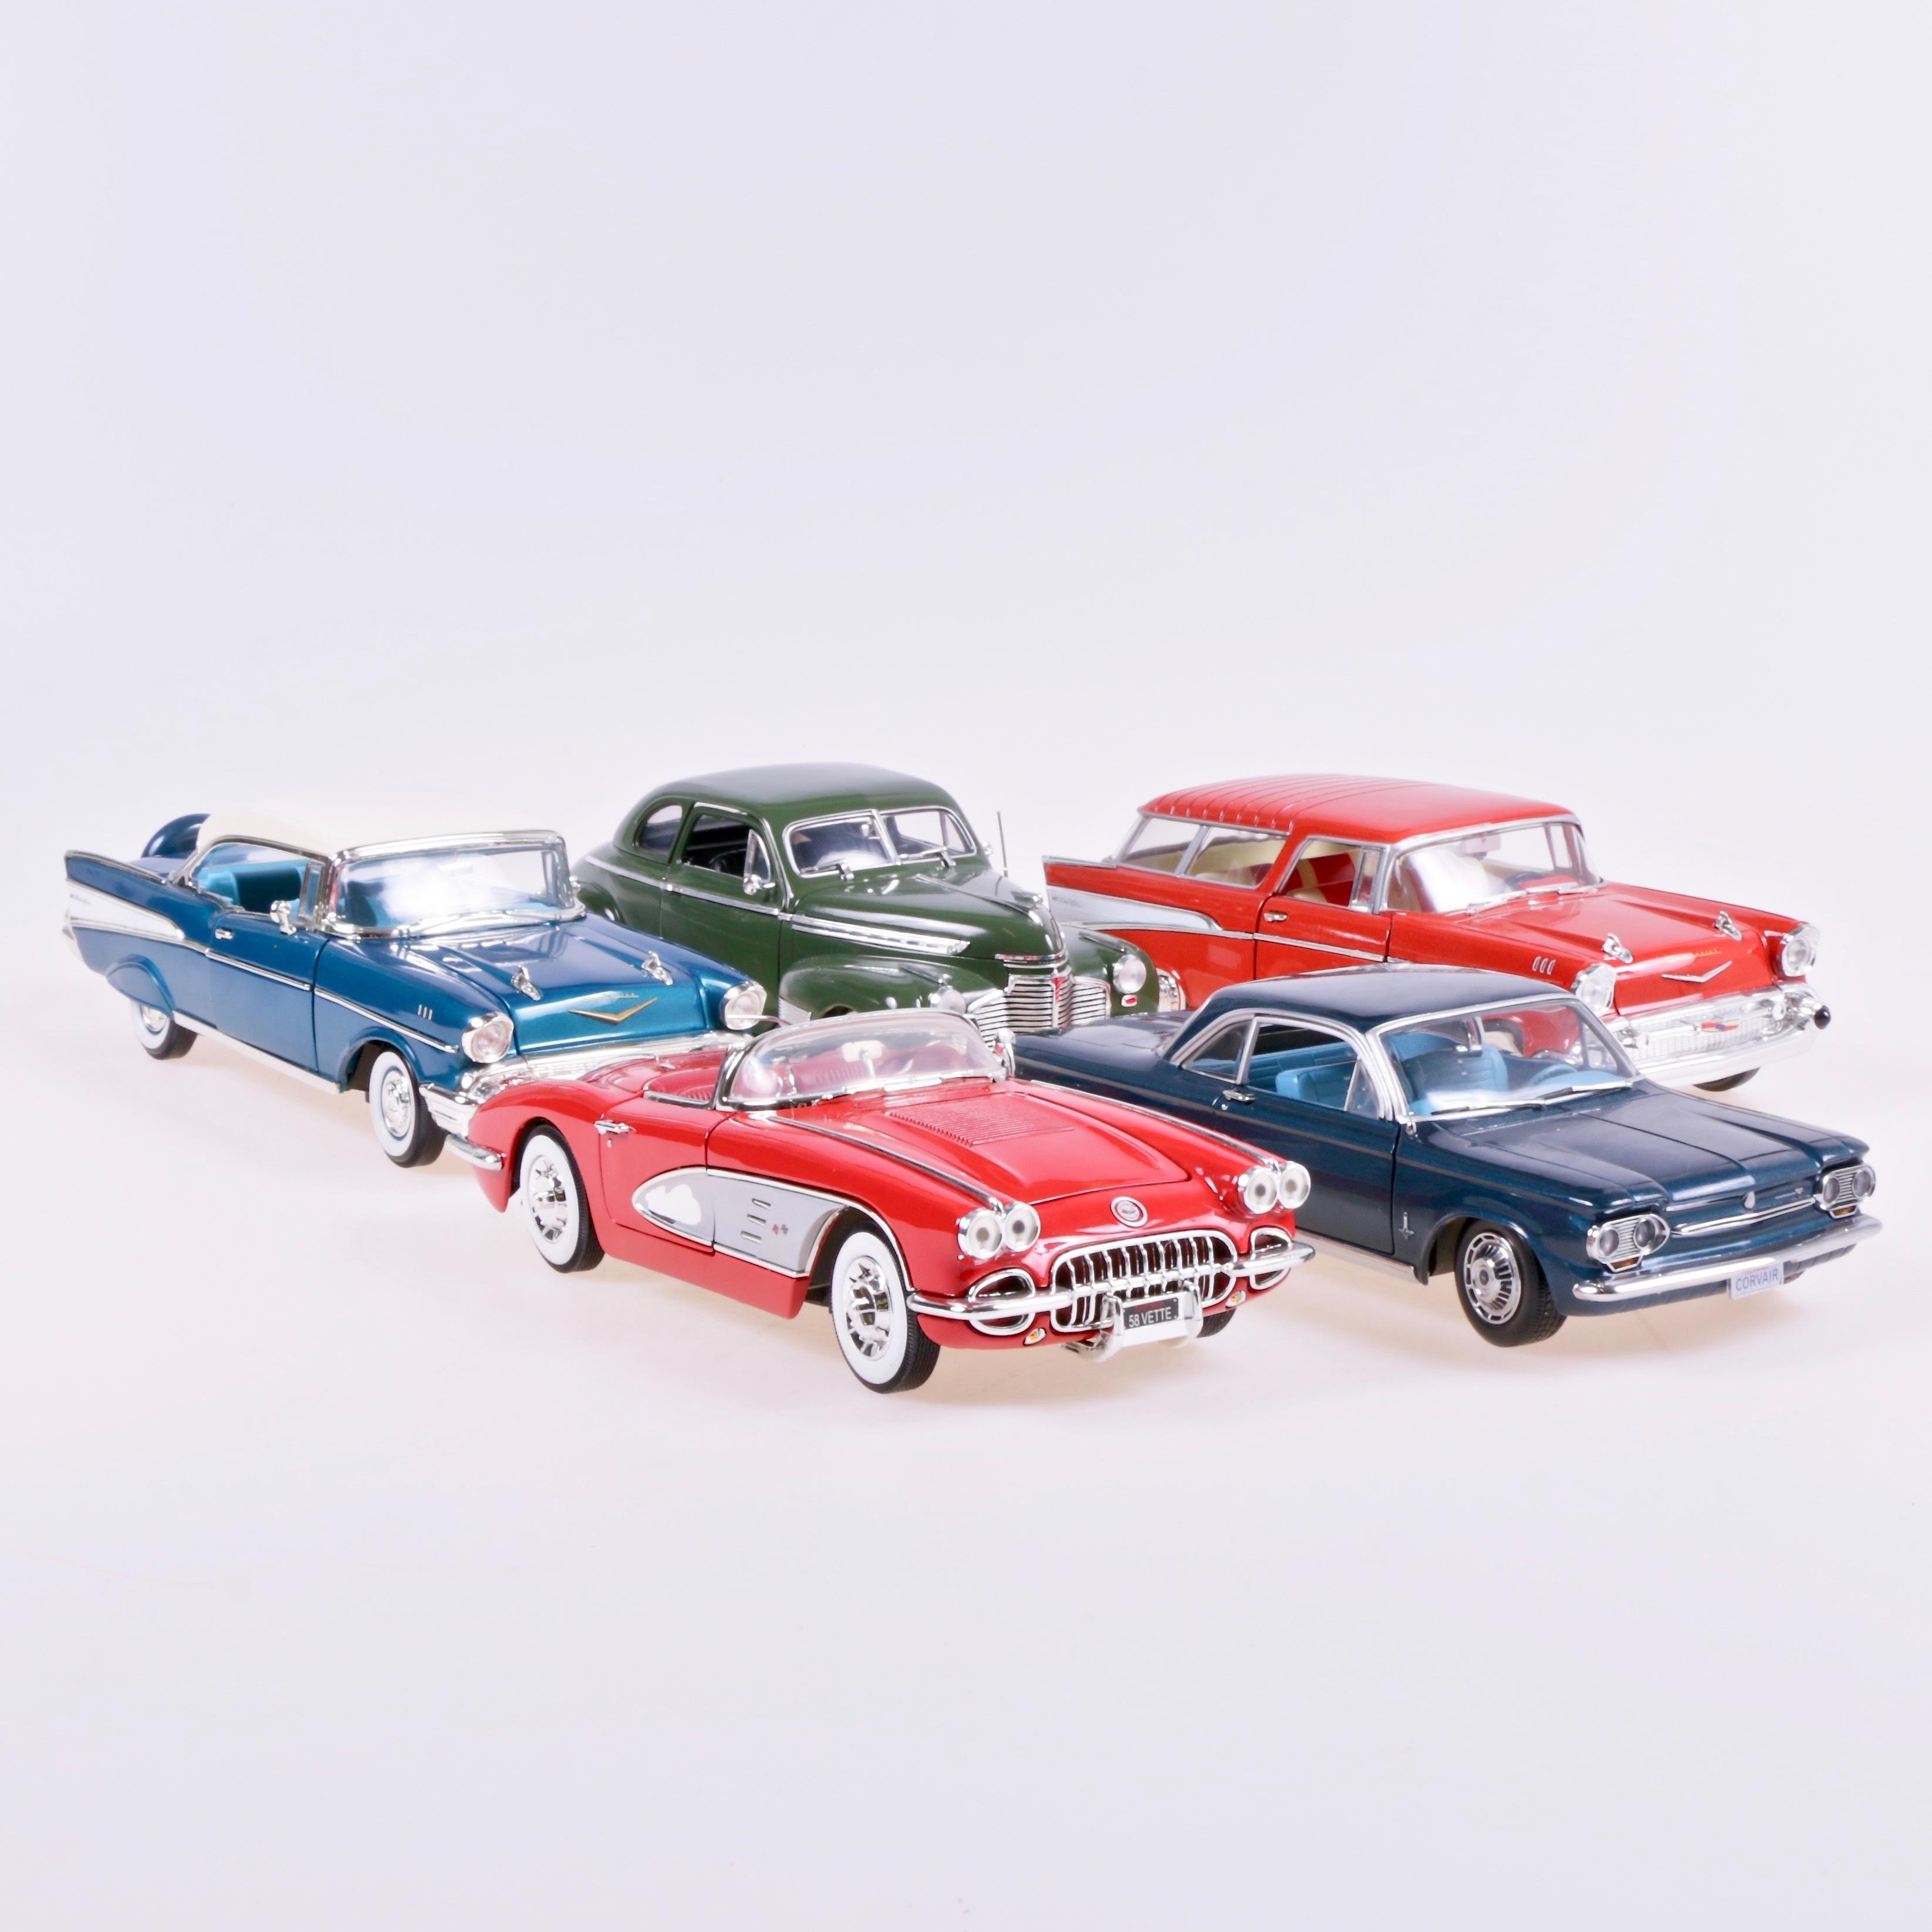 Model Cars 5 Pcs Scale 1 18 Chevrolet Toys Auctionet